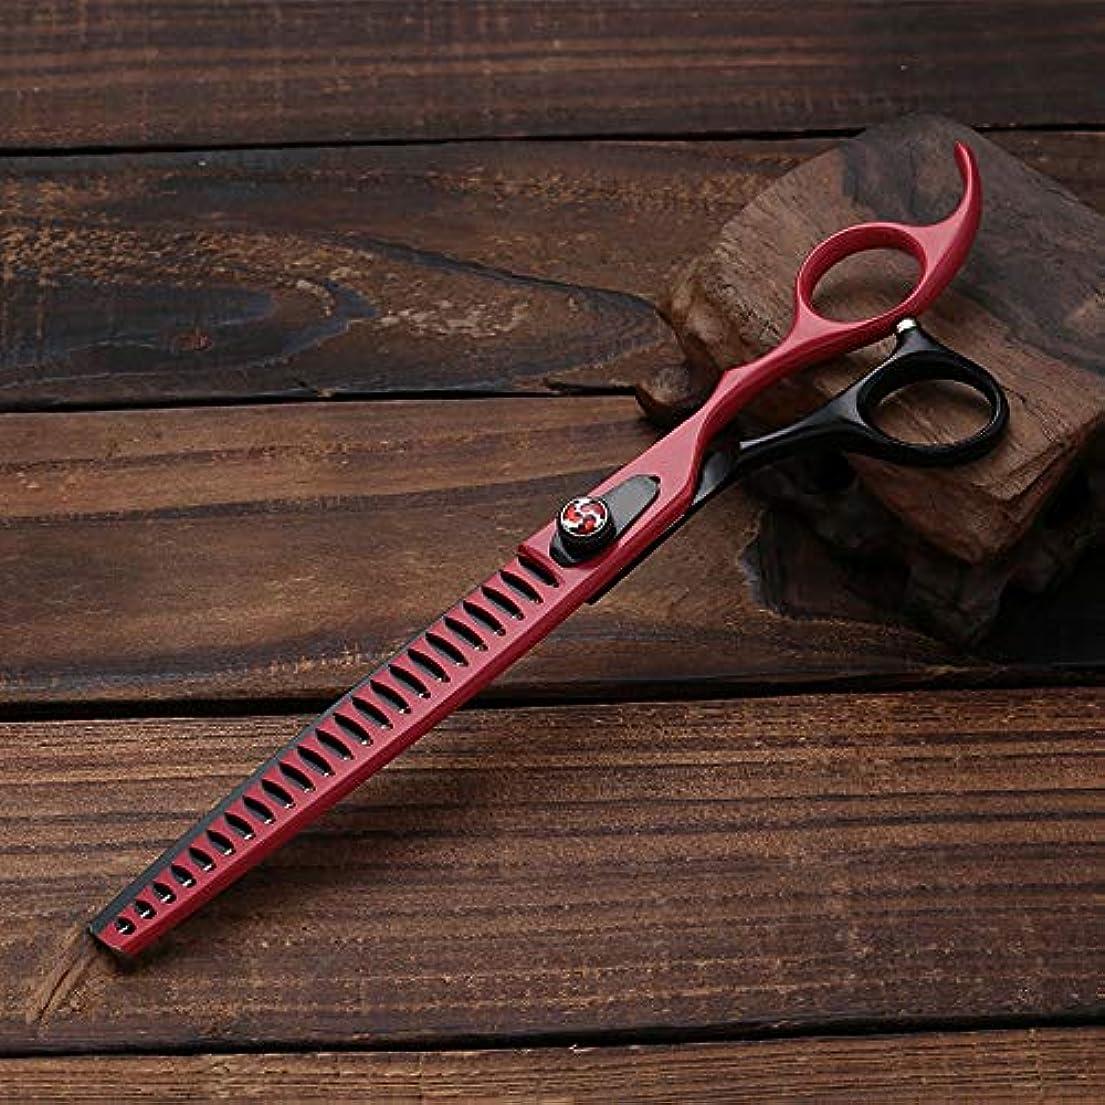 マーキー正しくやけど8.0インチの魚骨はさみ美容はさみペットの歯のカット ヘアケア (色 : Black red)